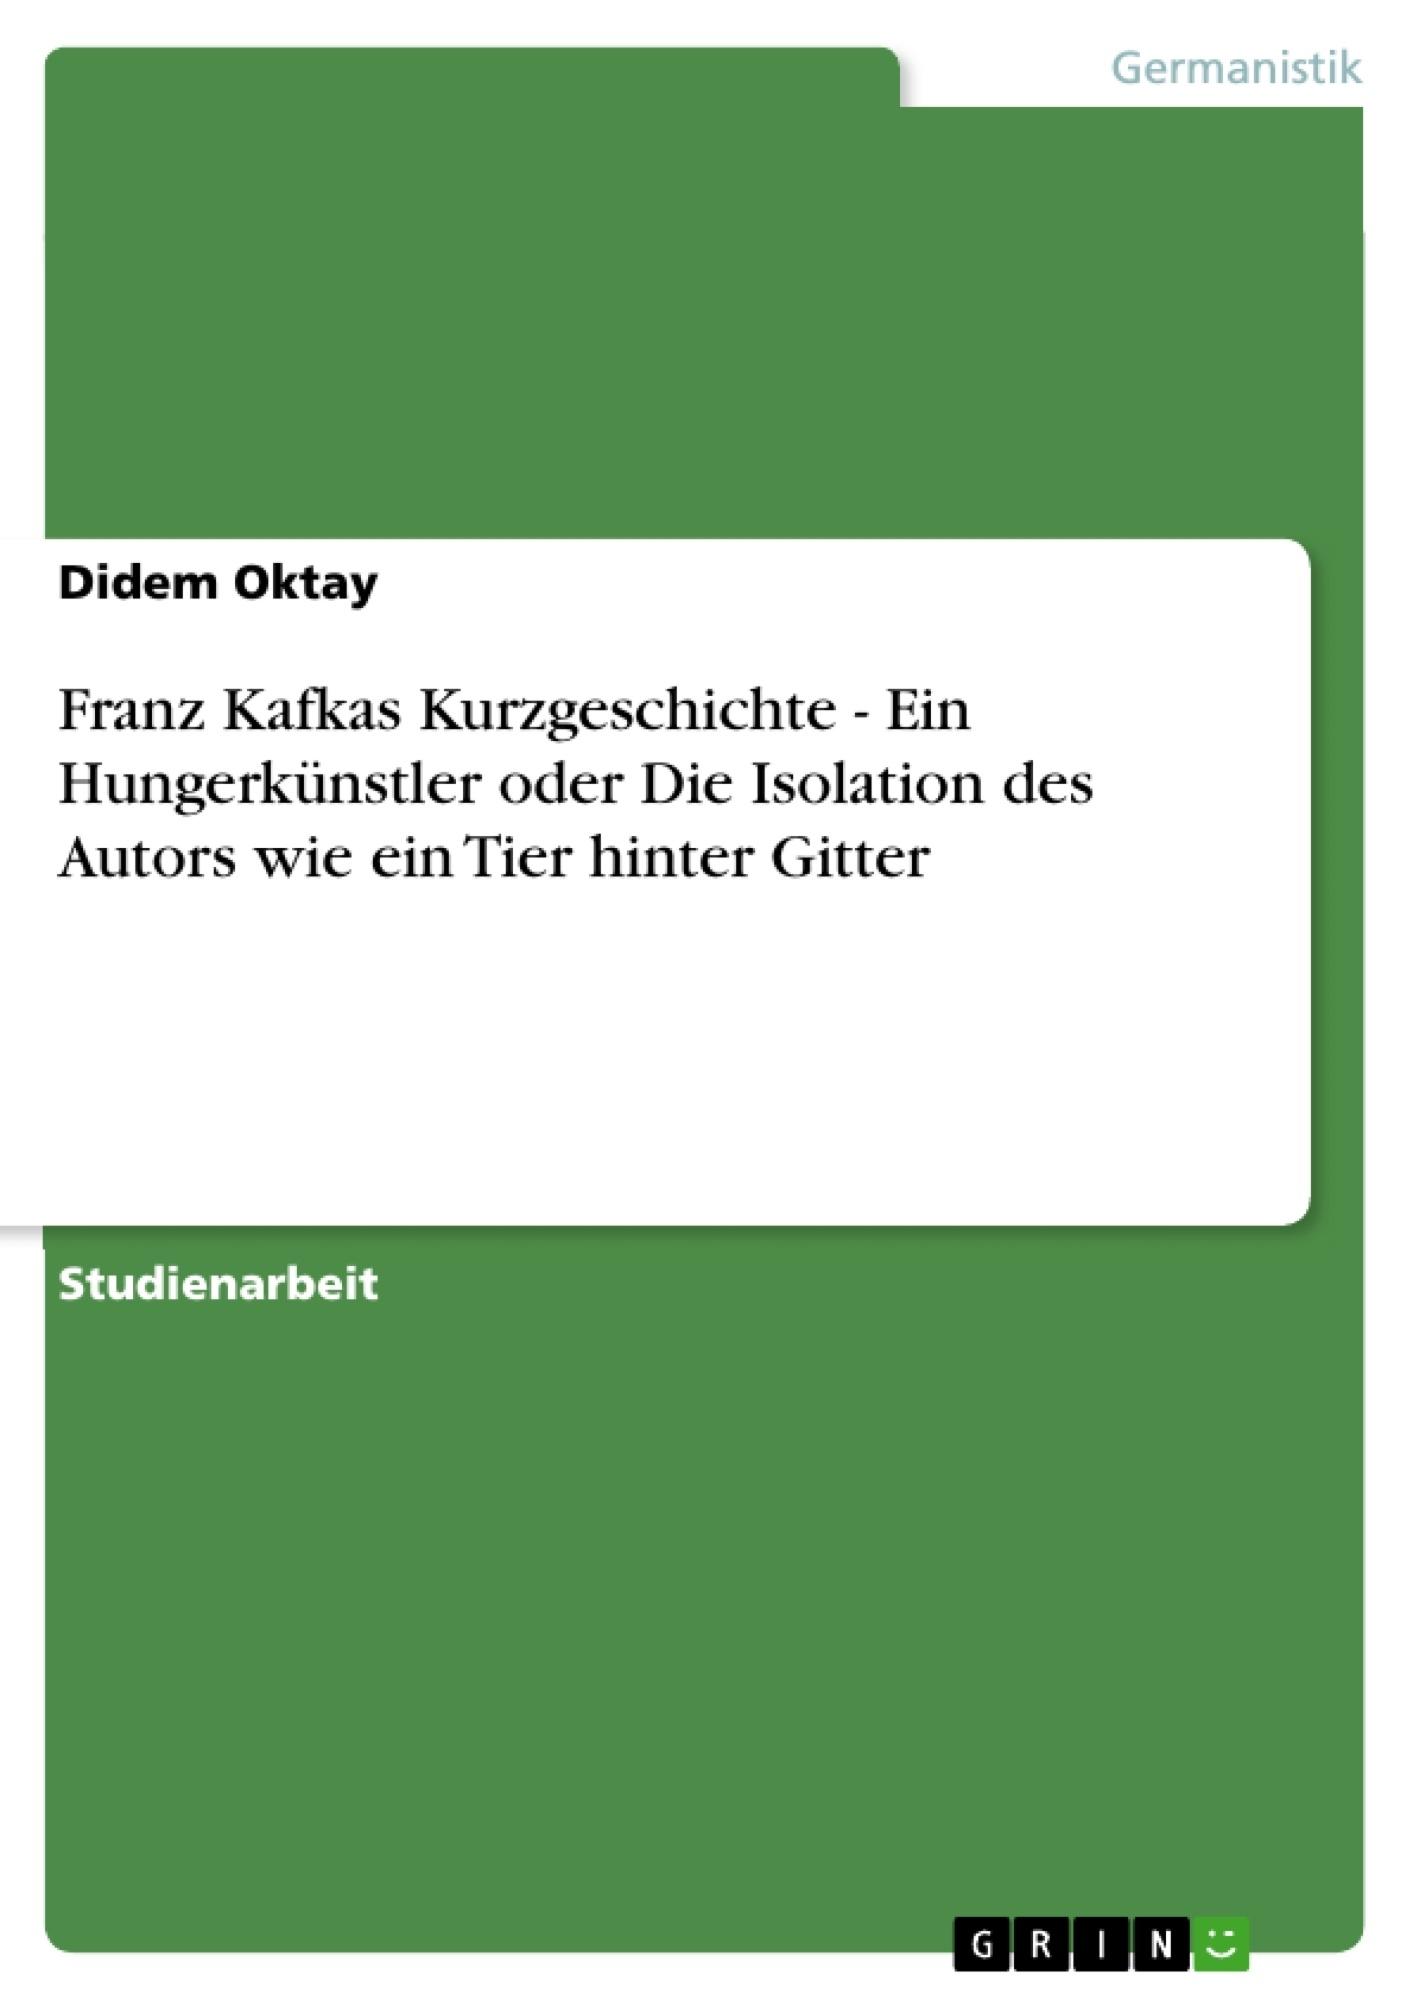 Titel: Franz Kafkas Kurzgeschichte - Ein Hungerkünstler oder Die Isolation des Autors wie ein Tier hinter Gitter